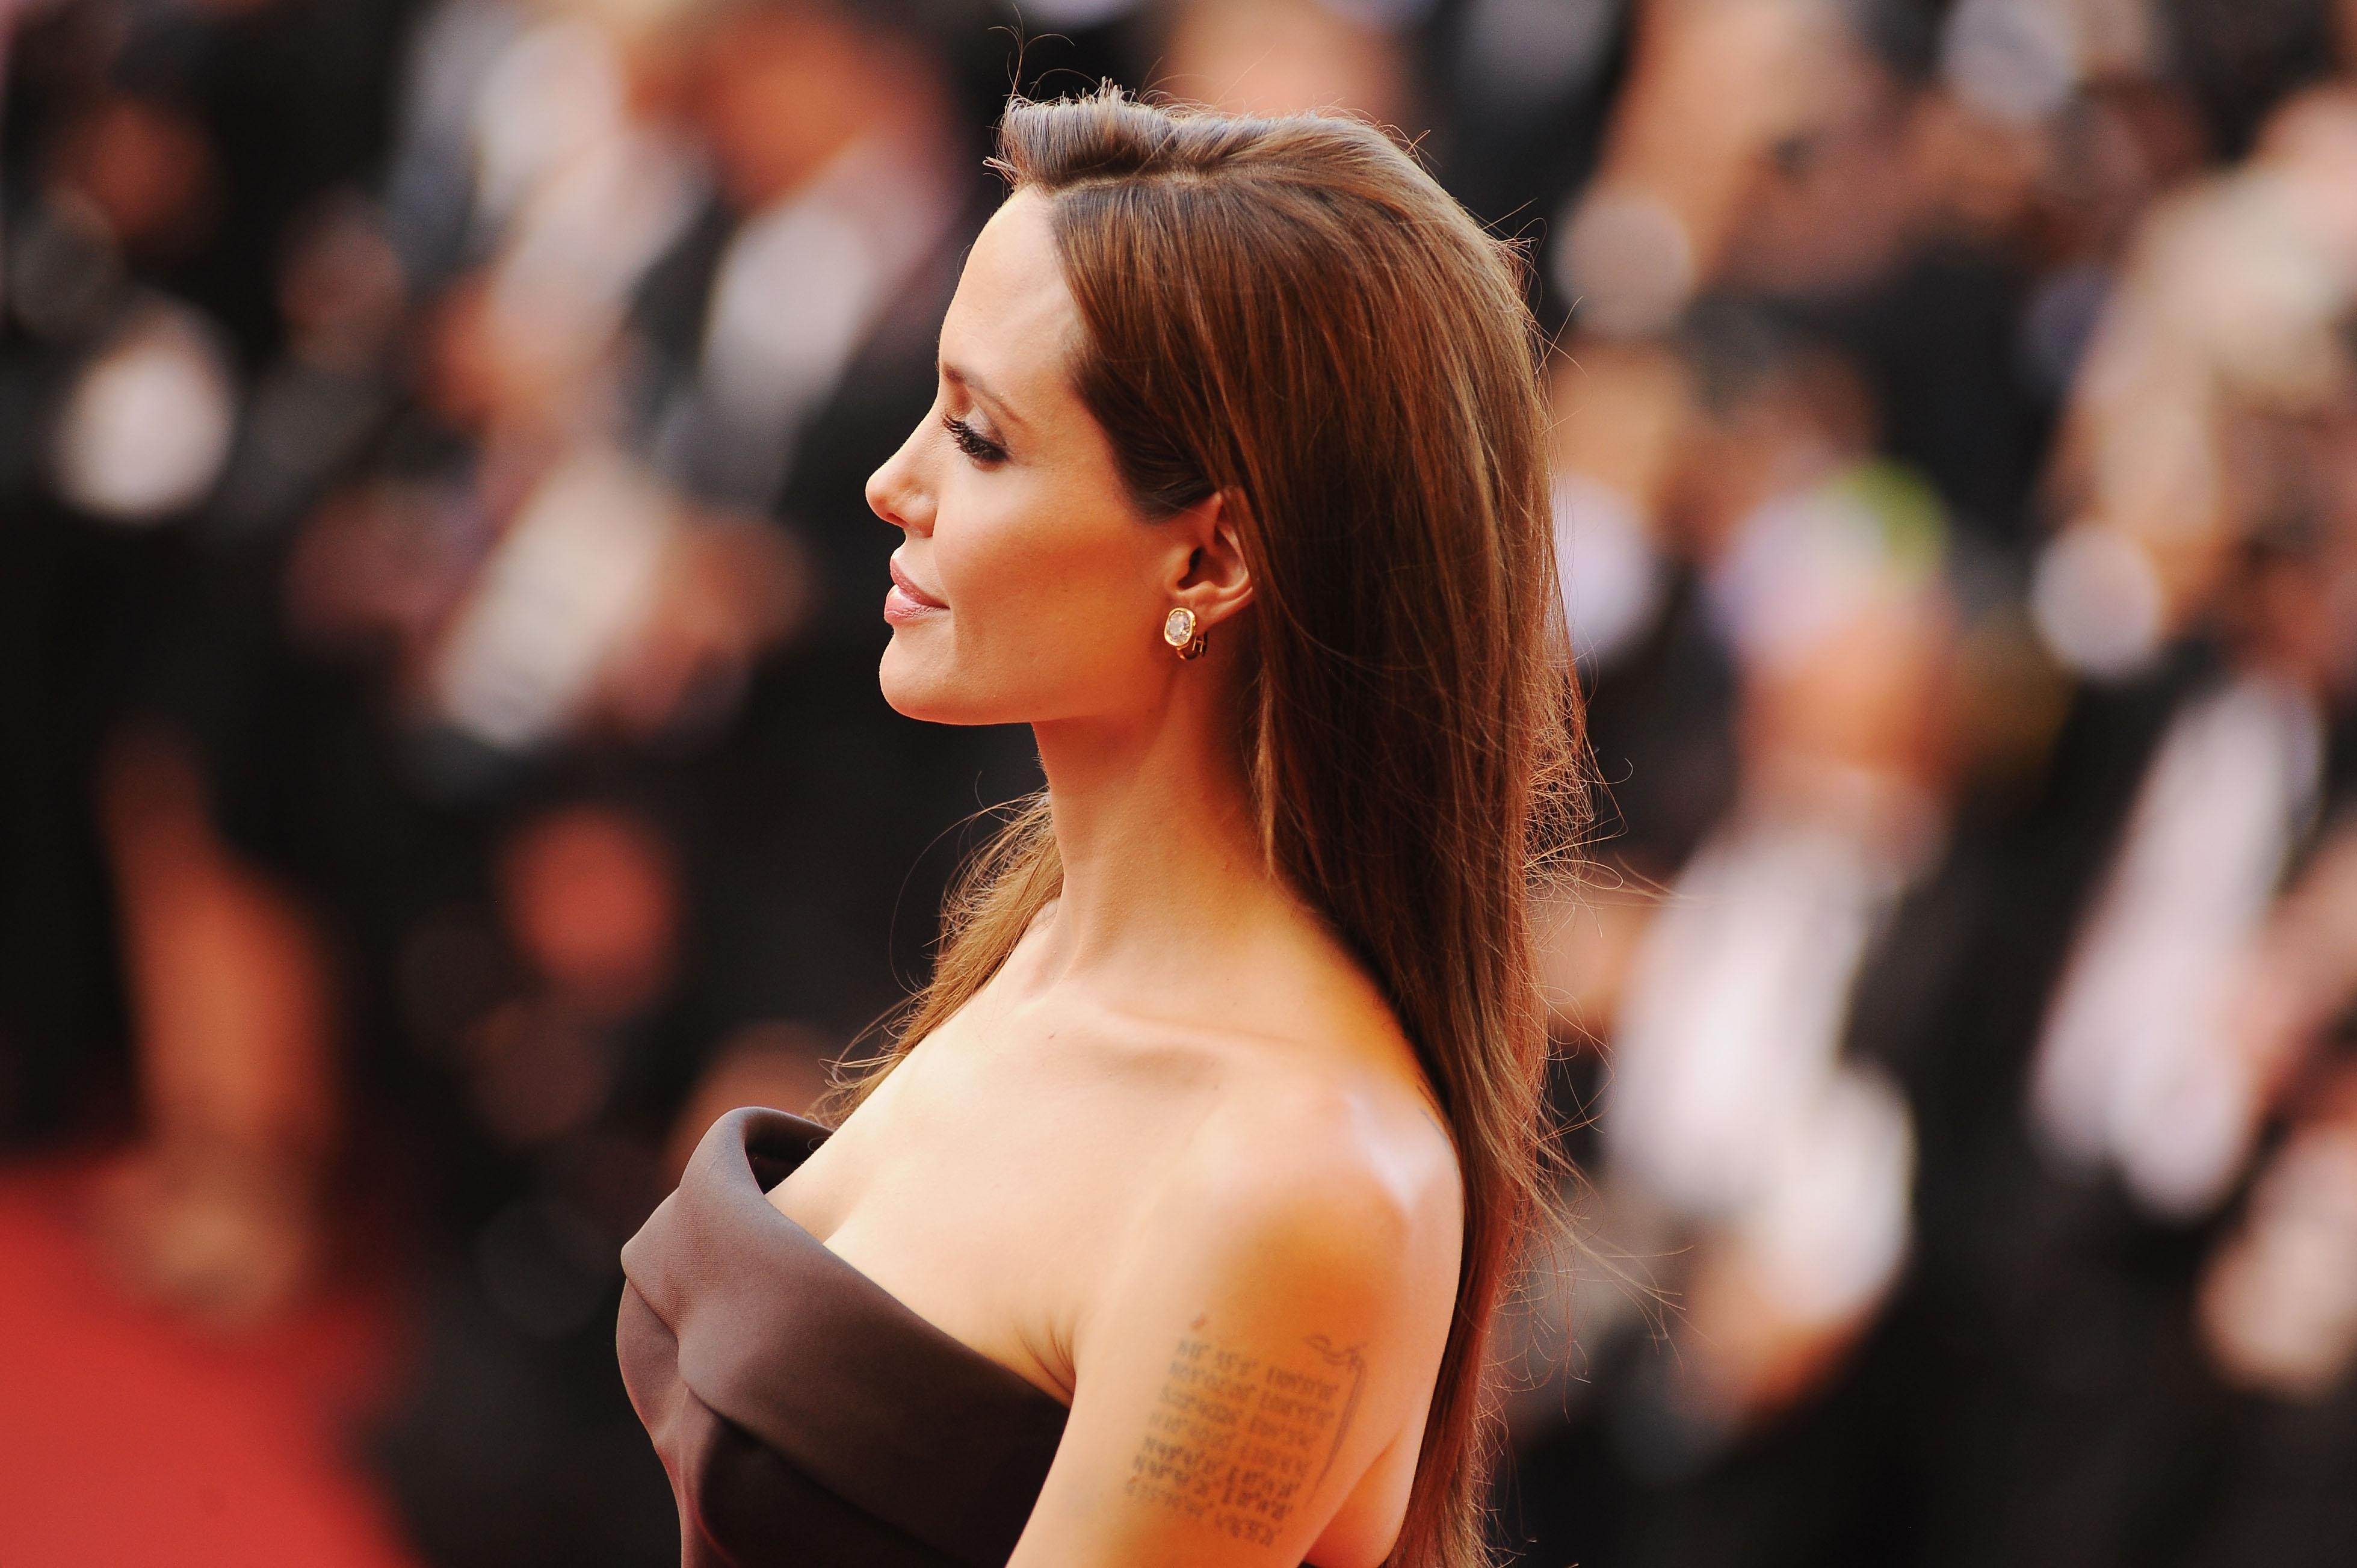 Angelina Jolie Porn News Uploadedimages Miami Rhapsody